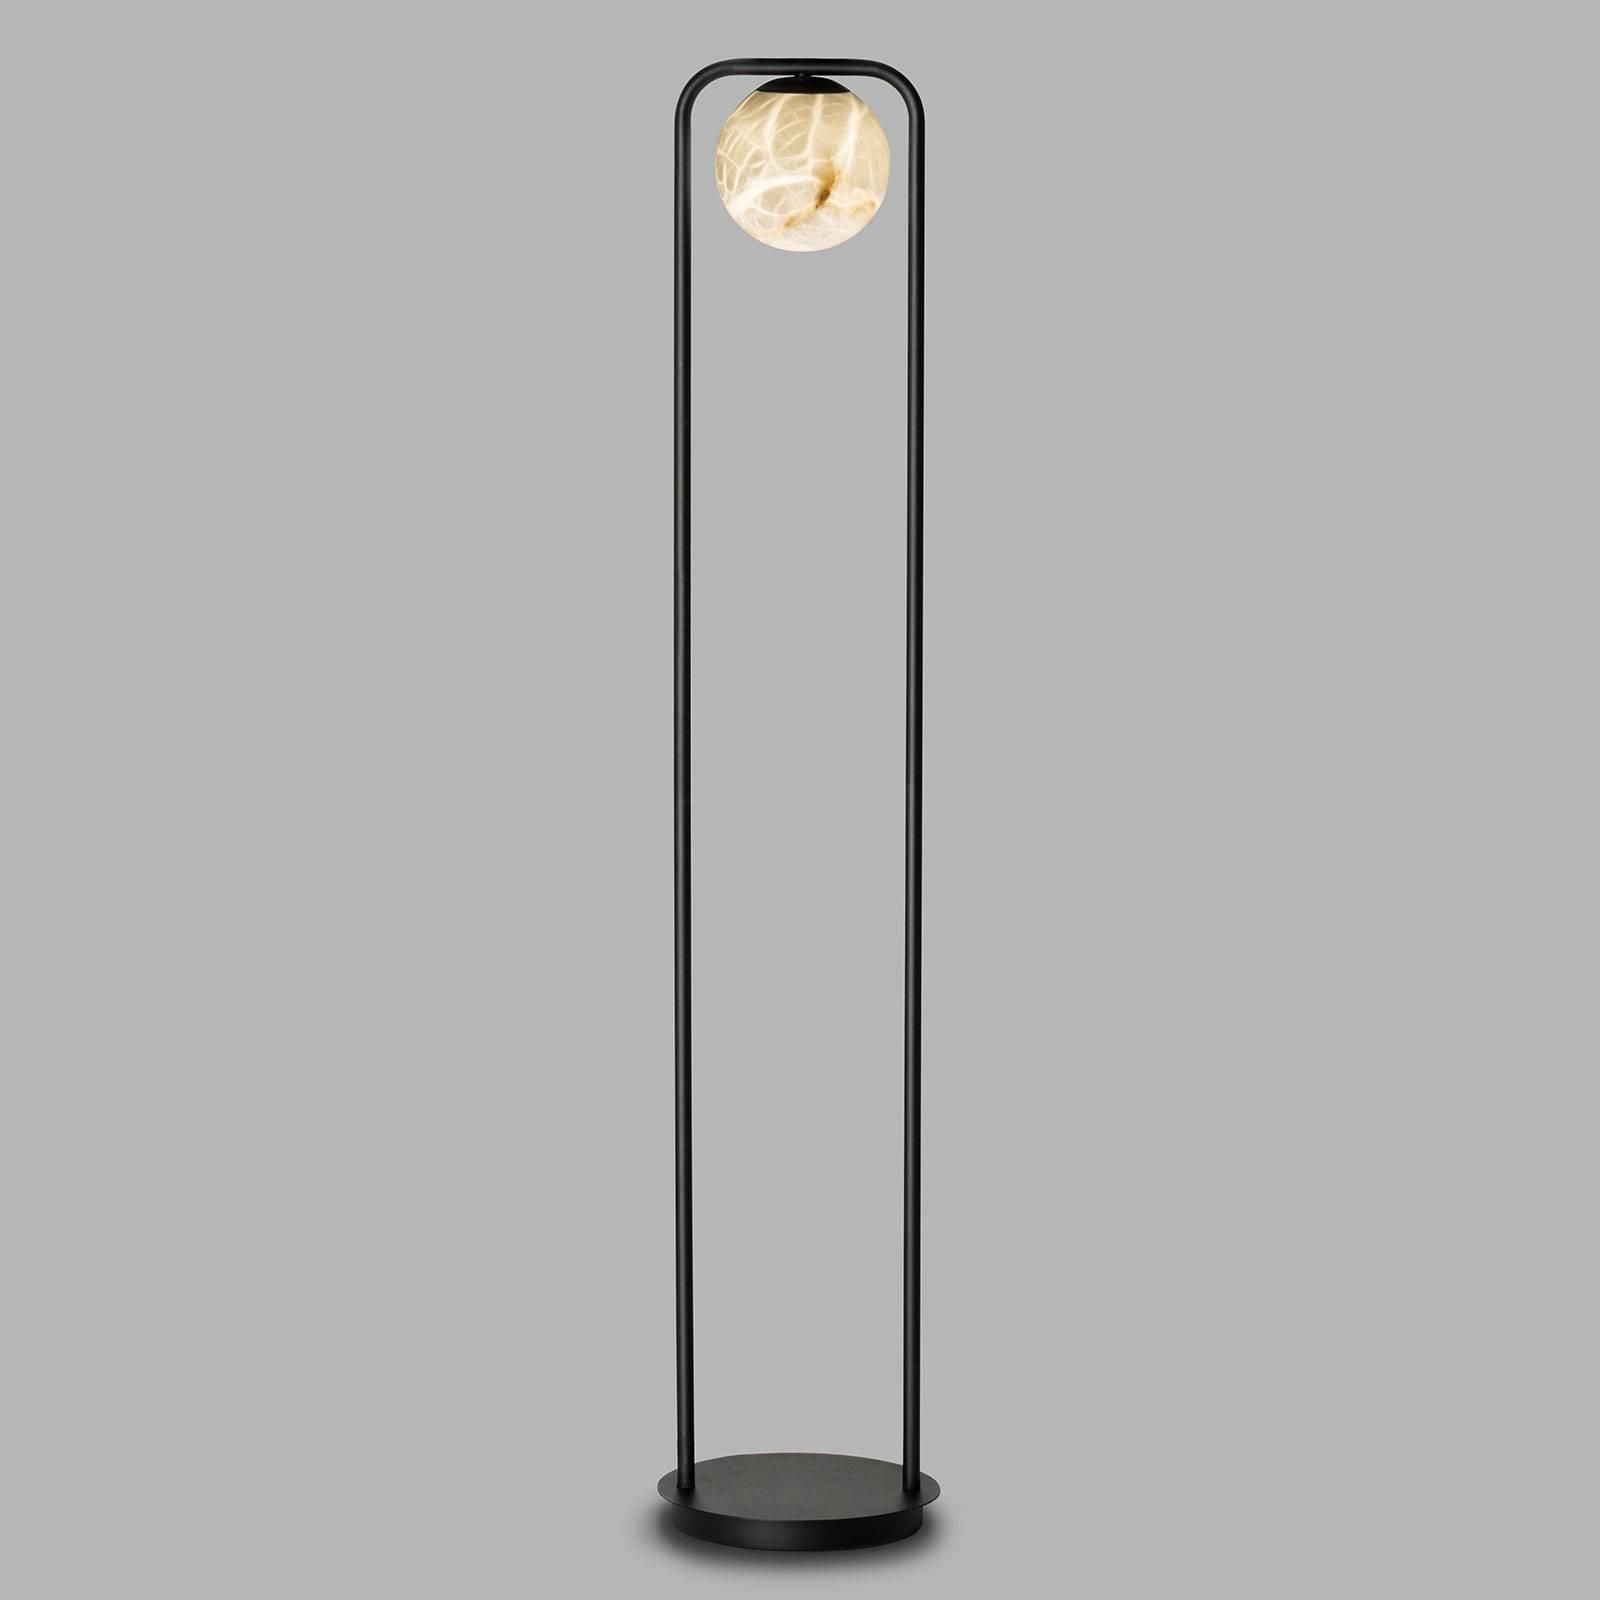 LED-gulvlampe Tribeca med alabast 1 lyskilde